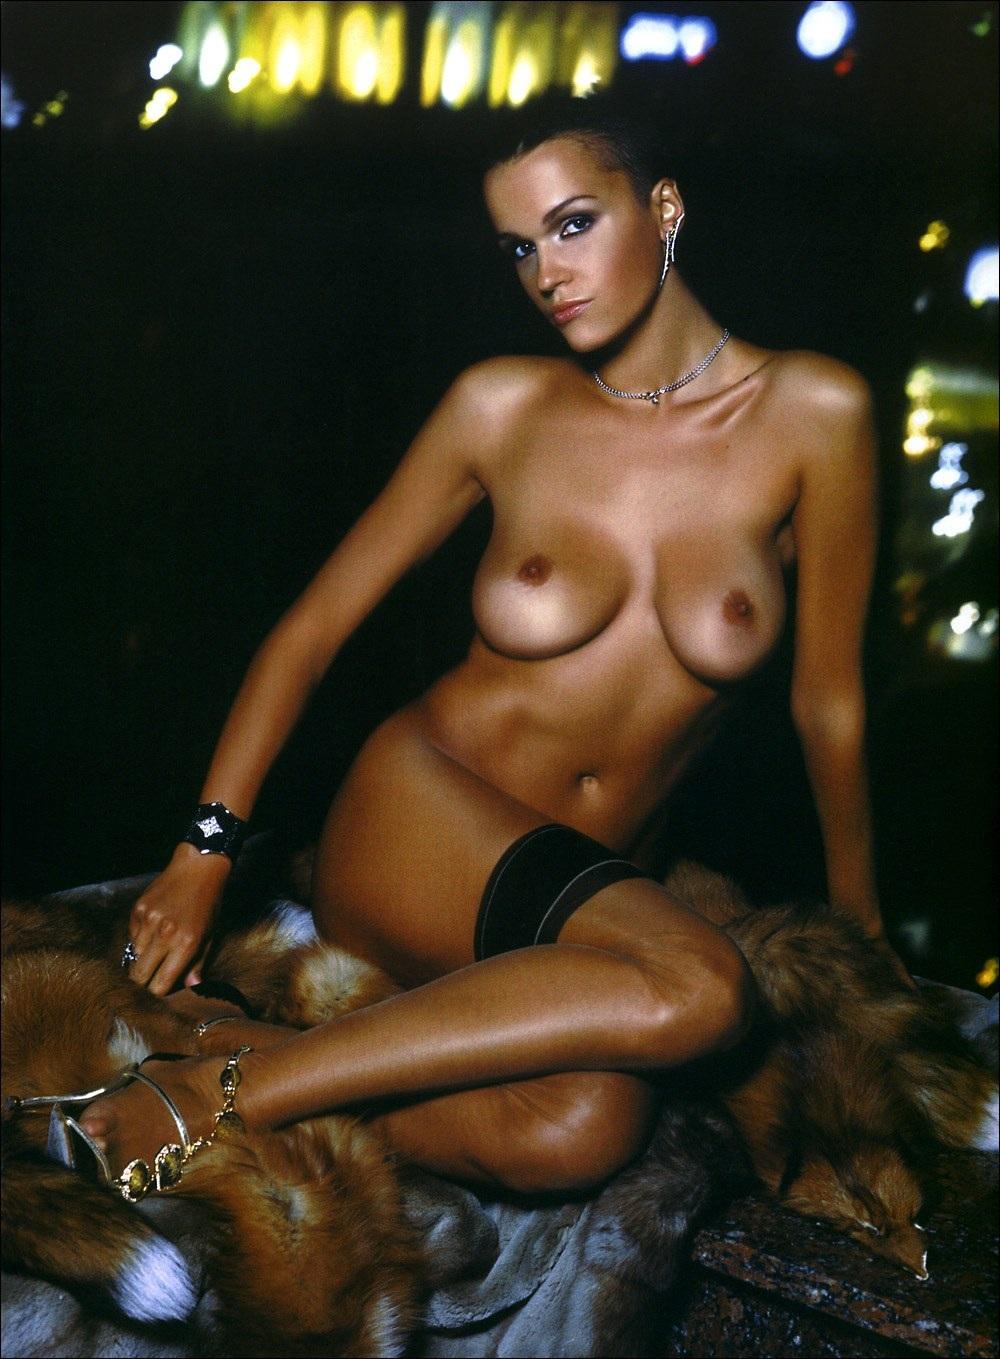 russkie-znamenitosti-v-erotike